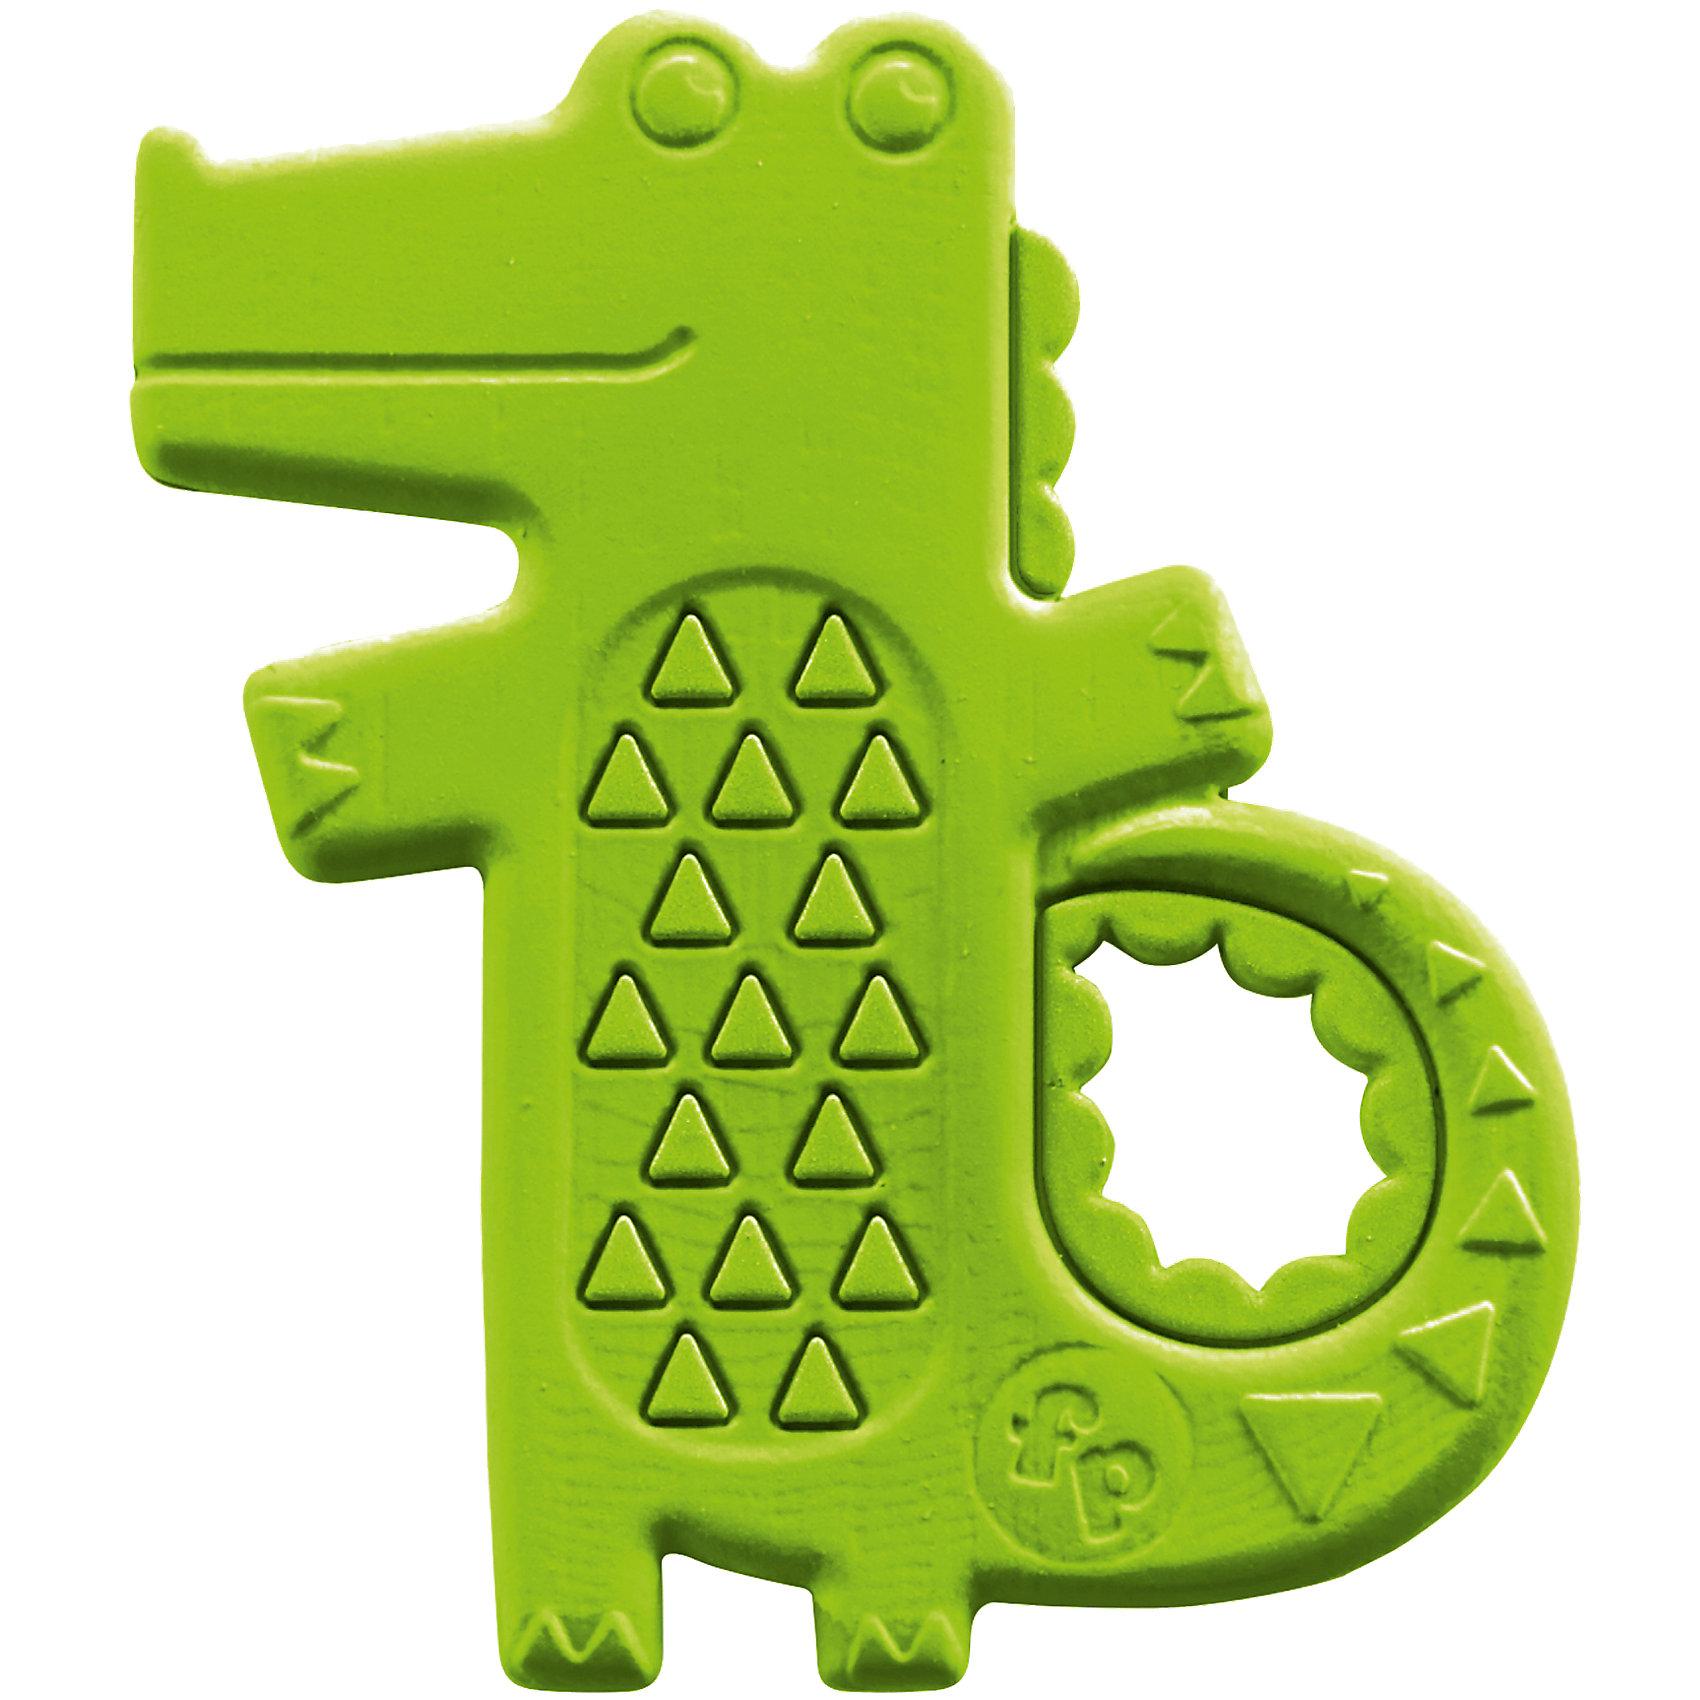 Погремушка-прорезыватель Крокодильчик, Fisher PriceПрорезыватели<br>Характеристики товара:<br><br>• возраст с рождения;<br>• материал: пластик;<br>• размер упаковки 14х18х4 см;<br>• вес упаковки 74 гр.;<br>• страна производитель: Китай.<br><br>Погремушка-прорезыватель Крокодильчик Fisher Price — игрушка для малышей с рождения, выполненная в виде зеленого крокодильчика. Она поможет снять зуд и неприятные ощущения, когда у малыша начнут резаться зубки. За ручку малыш может хвататься пальчиками. Игрушка способствует развитию у малышей хватательного рефлекса, мелкой моторики рук, тактильных ощущений. Она выполнена из безопасных экологически чистых материалов.<br><br>Погремушку-прорезыватель Крокодильчик Fisher Price можно приобрести в нашем интернет-магазине.<br><br>Ширина мм: 182<br>Глубина мм: 141<br>Высота мм: 10<br>Вес г: 55<br>Возраст от месяцев: 0<br>Возраст до месяцев: 12<br>Пол: Унисекс<br>Возраст: Детский<br>SKU: 5248095